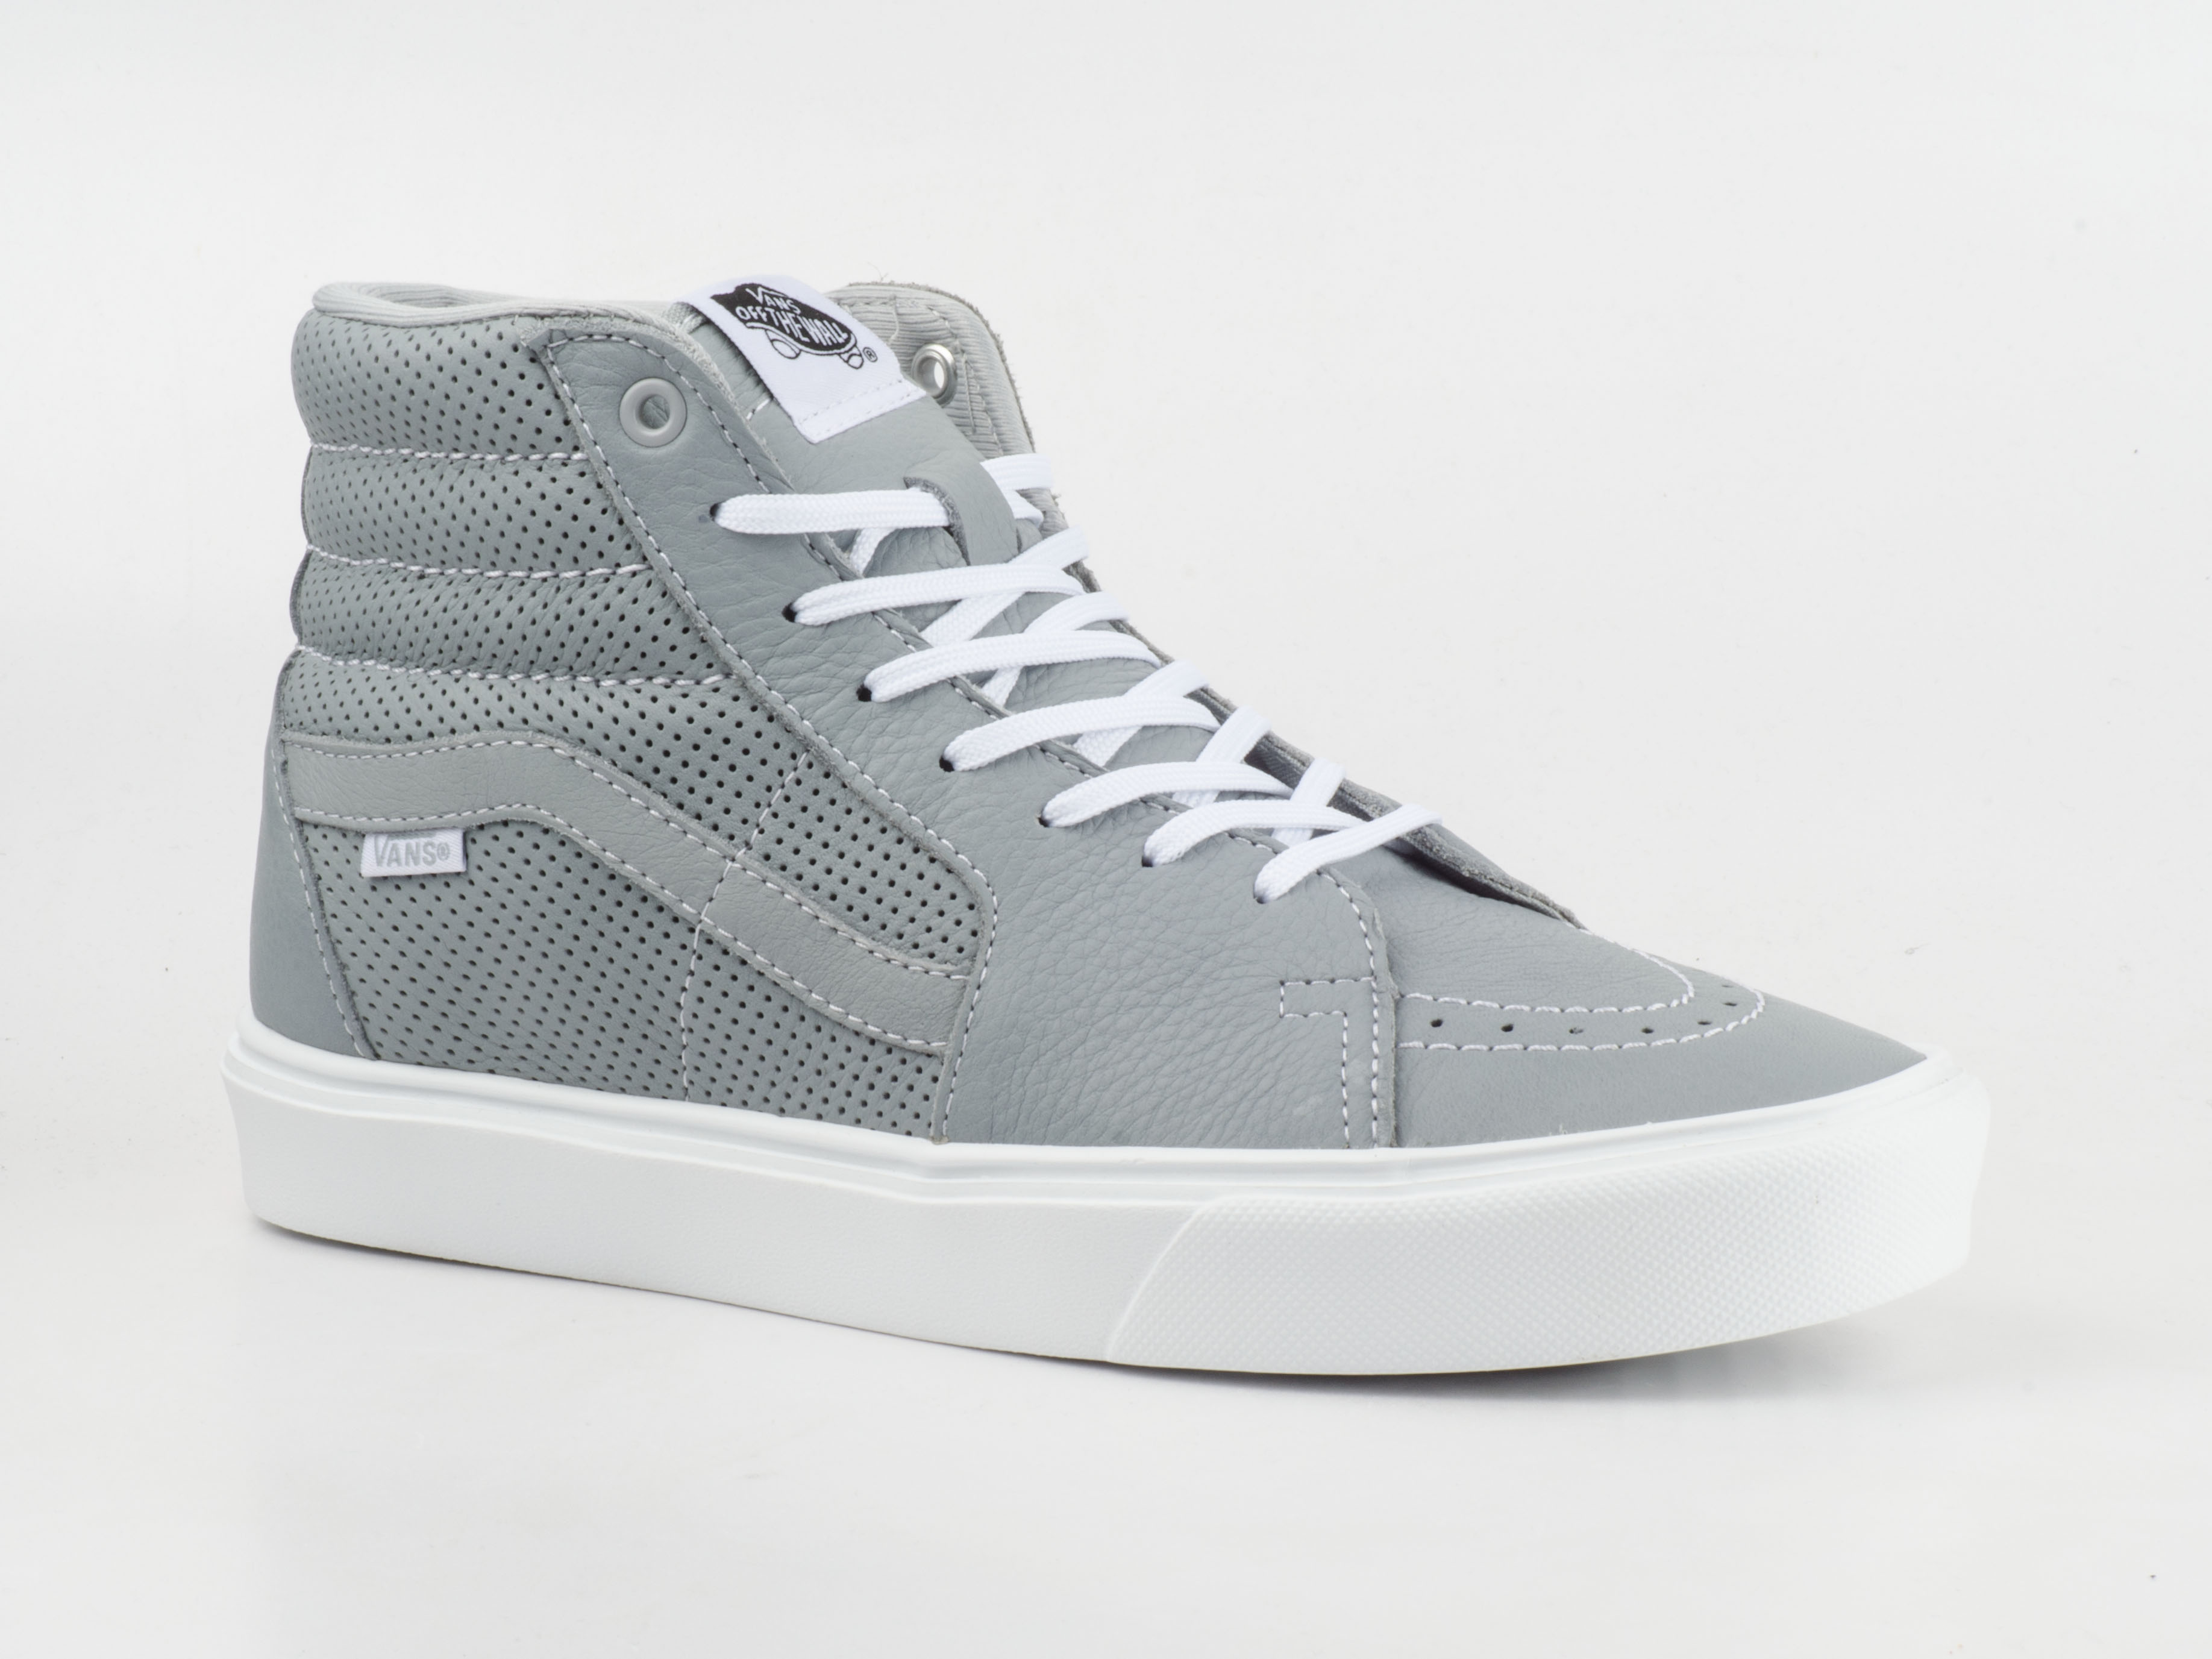 vans schuhe sneaker sk8 hi lite vxe4fji skater grau wei leder perforated ebay. Black Bedroom Furniture Sets. Home Design Ideas